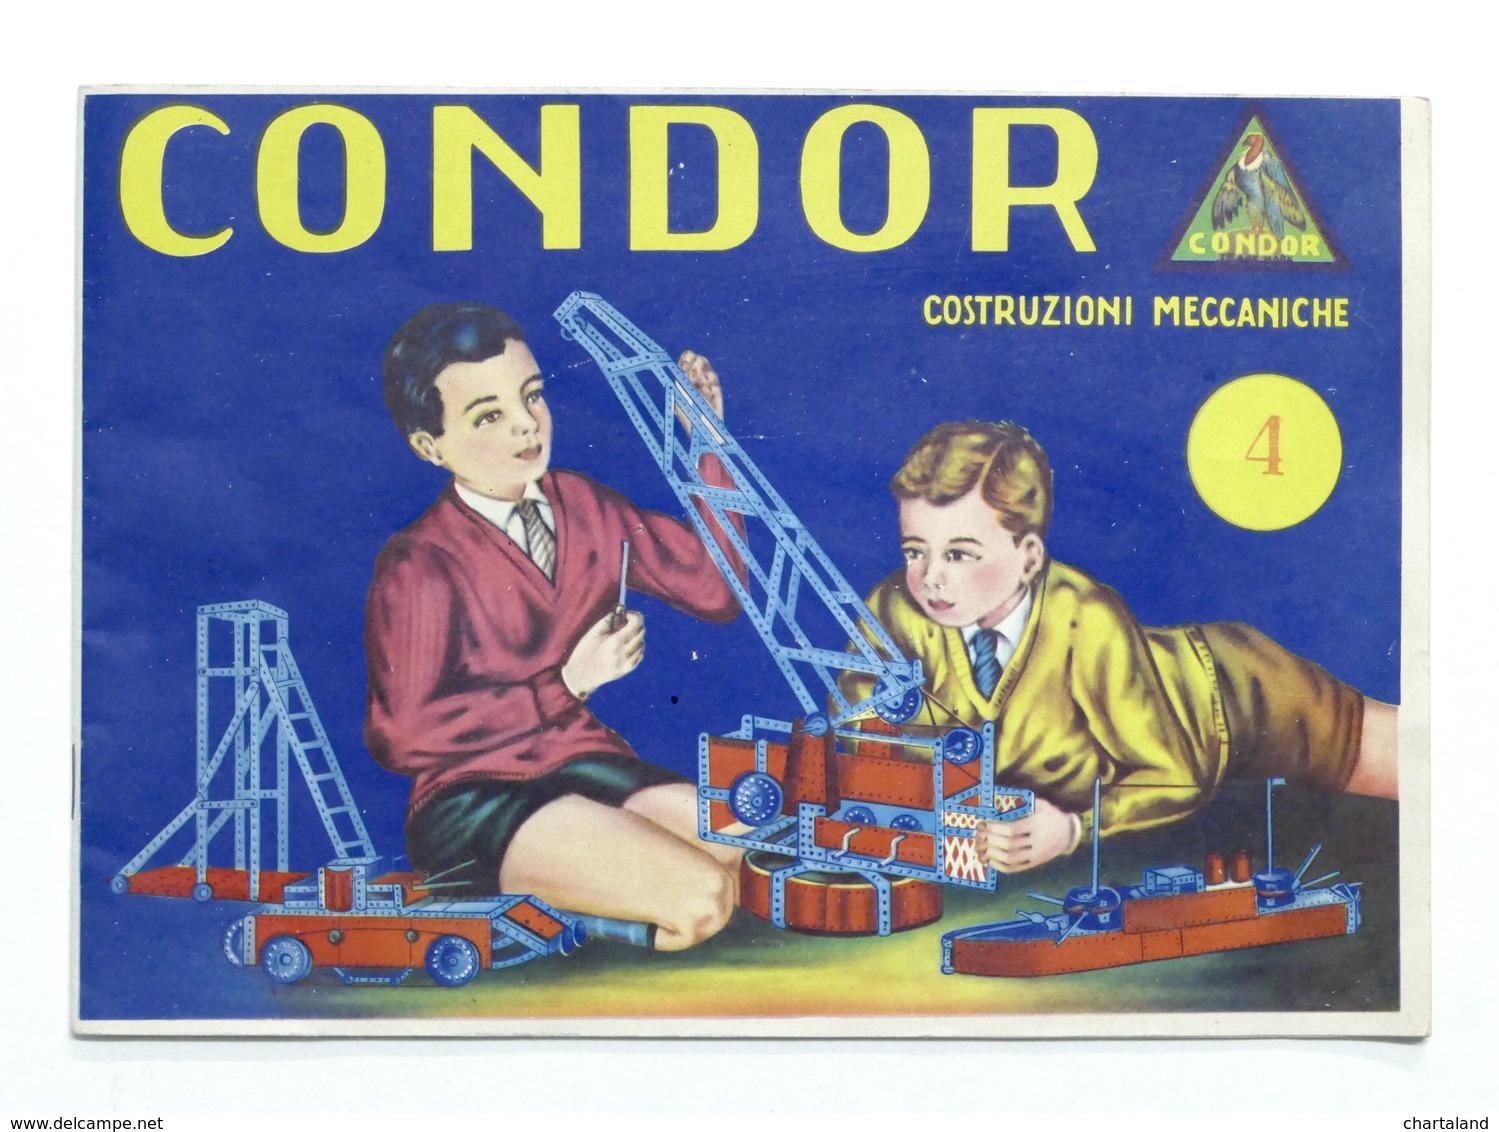 Modellismo - Catalogo Condor - Costruzioni Meccaniche - Scatola N. 4 - Libros, Revistas, Cómics